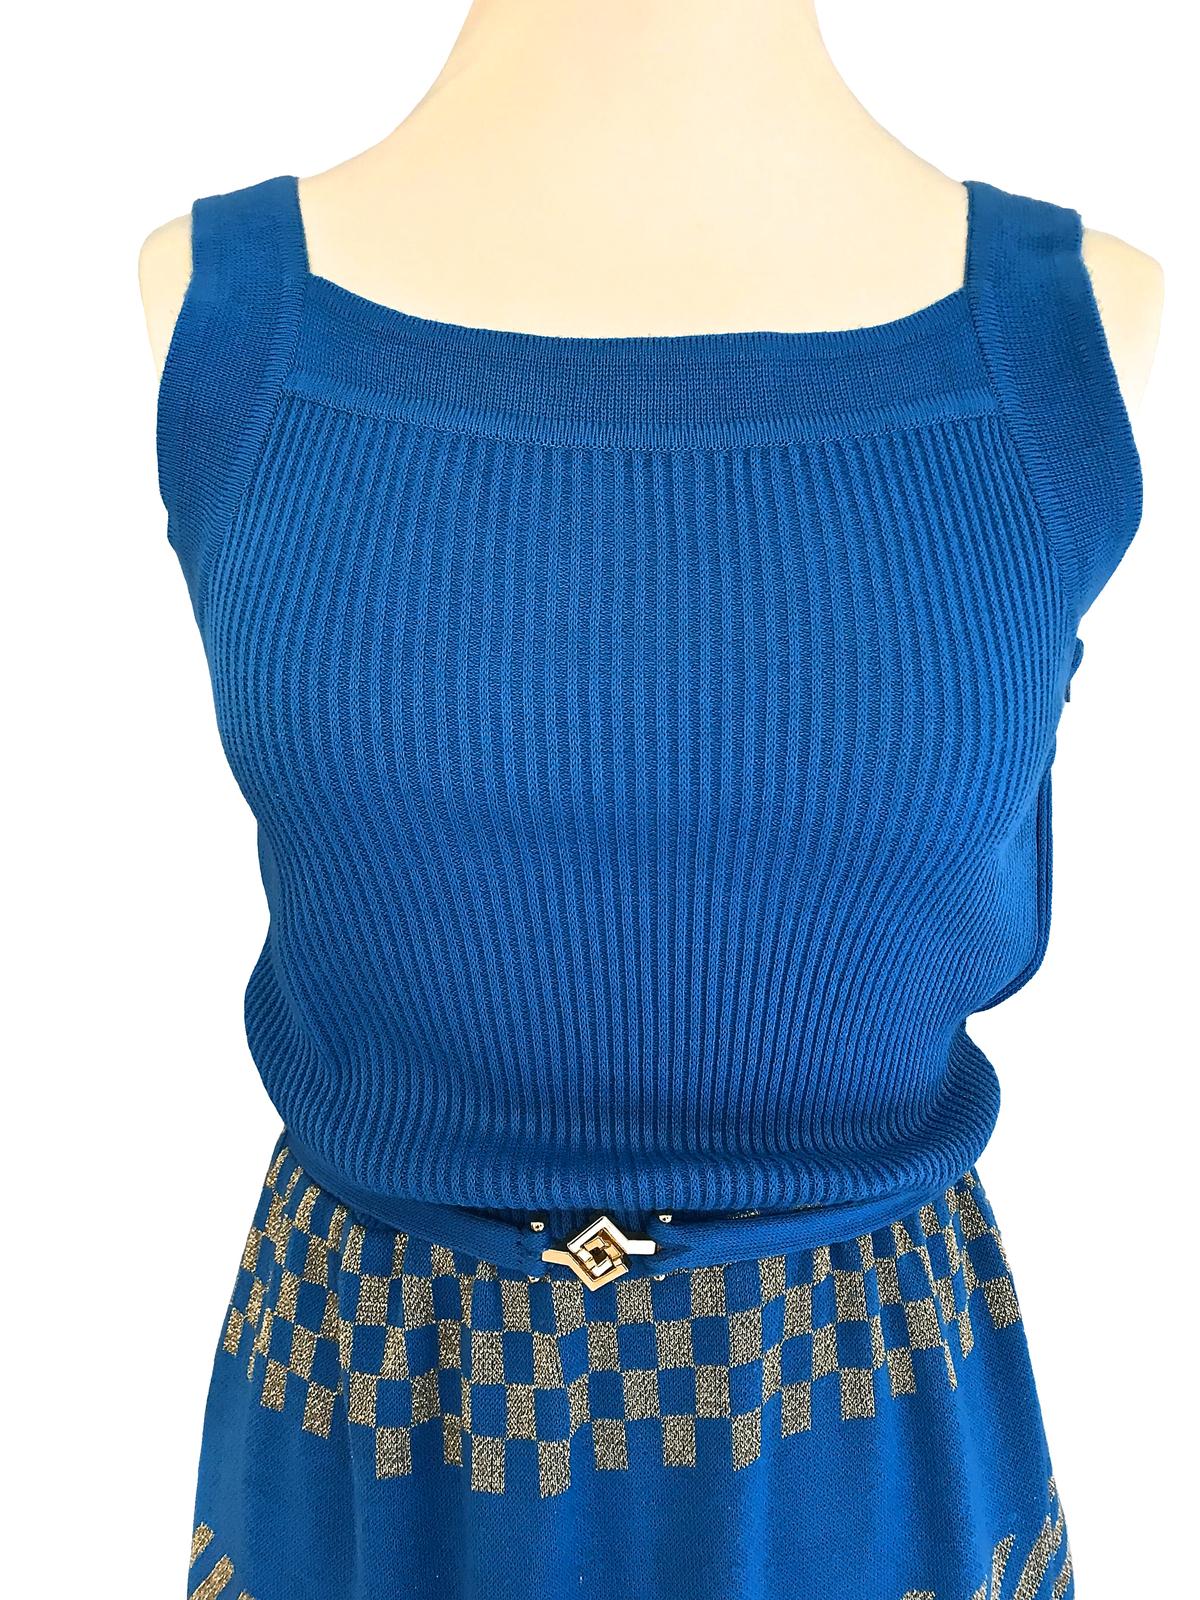 60s LOUIS FÉRAUD Bold Blue Gold Lurex Metallic Jersey Deco Print Belted Dress